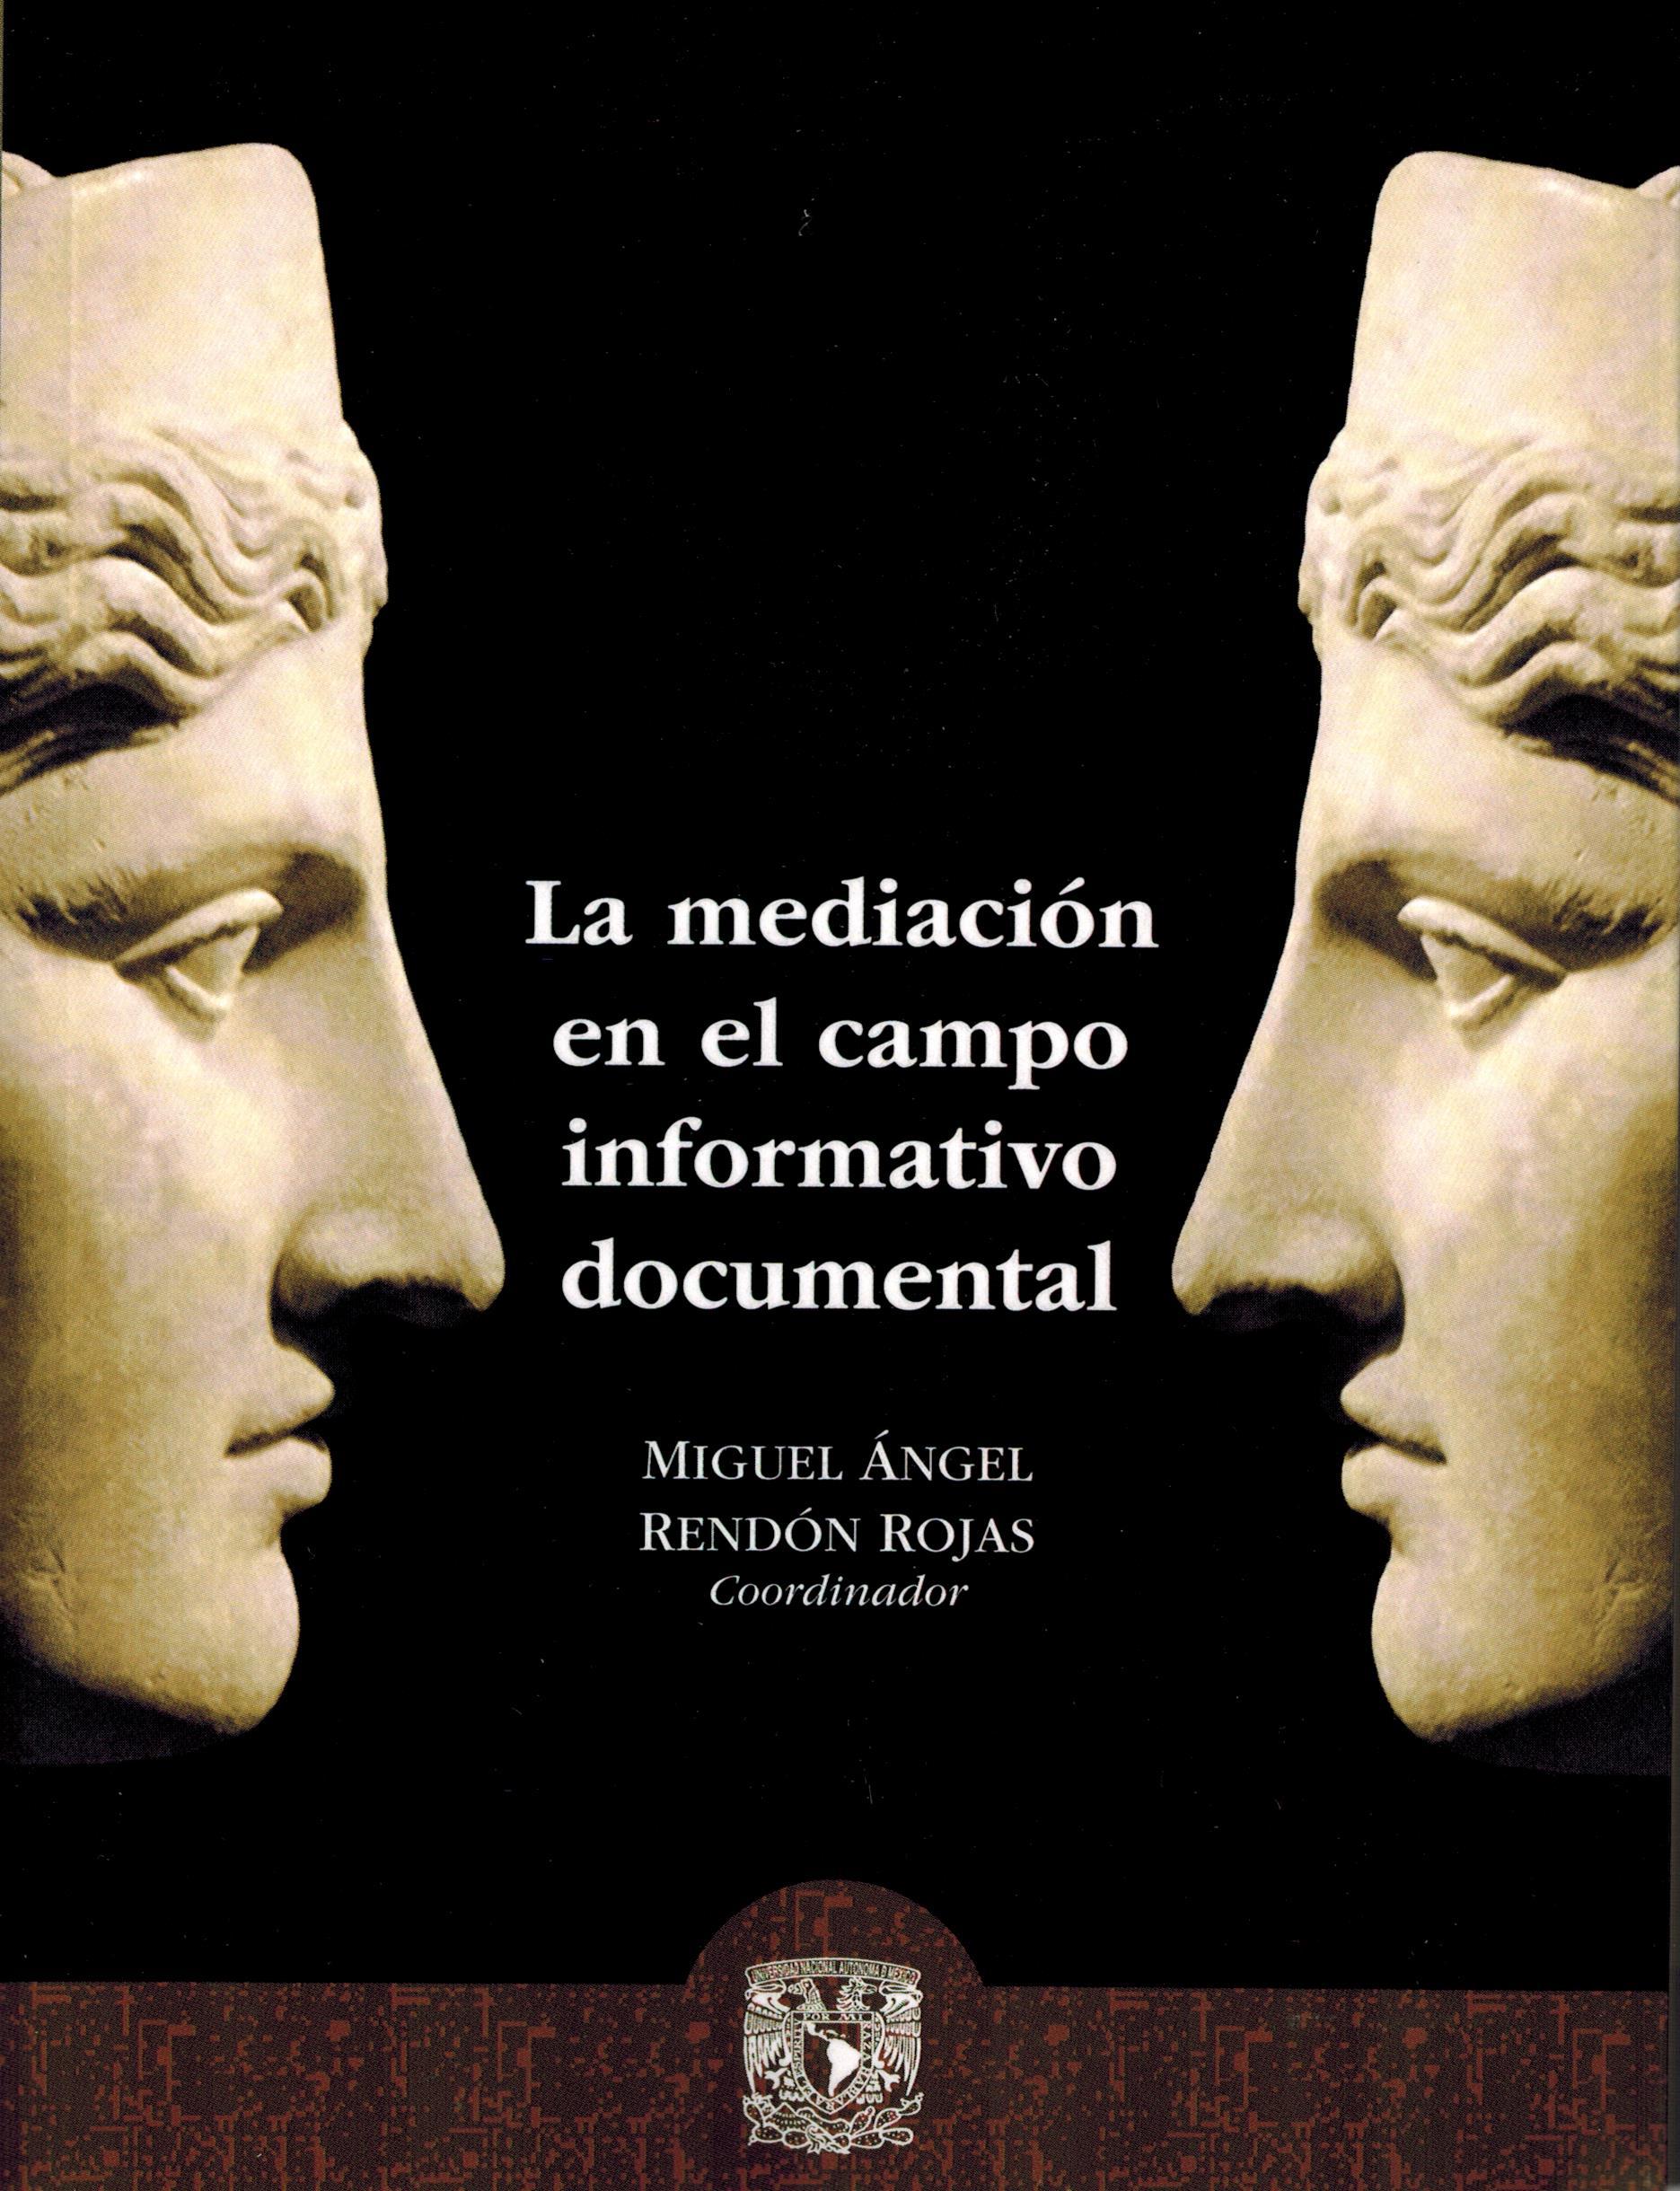 La mediación en el campo informativo documental